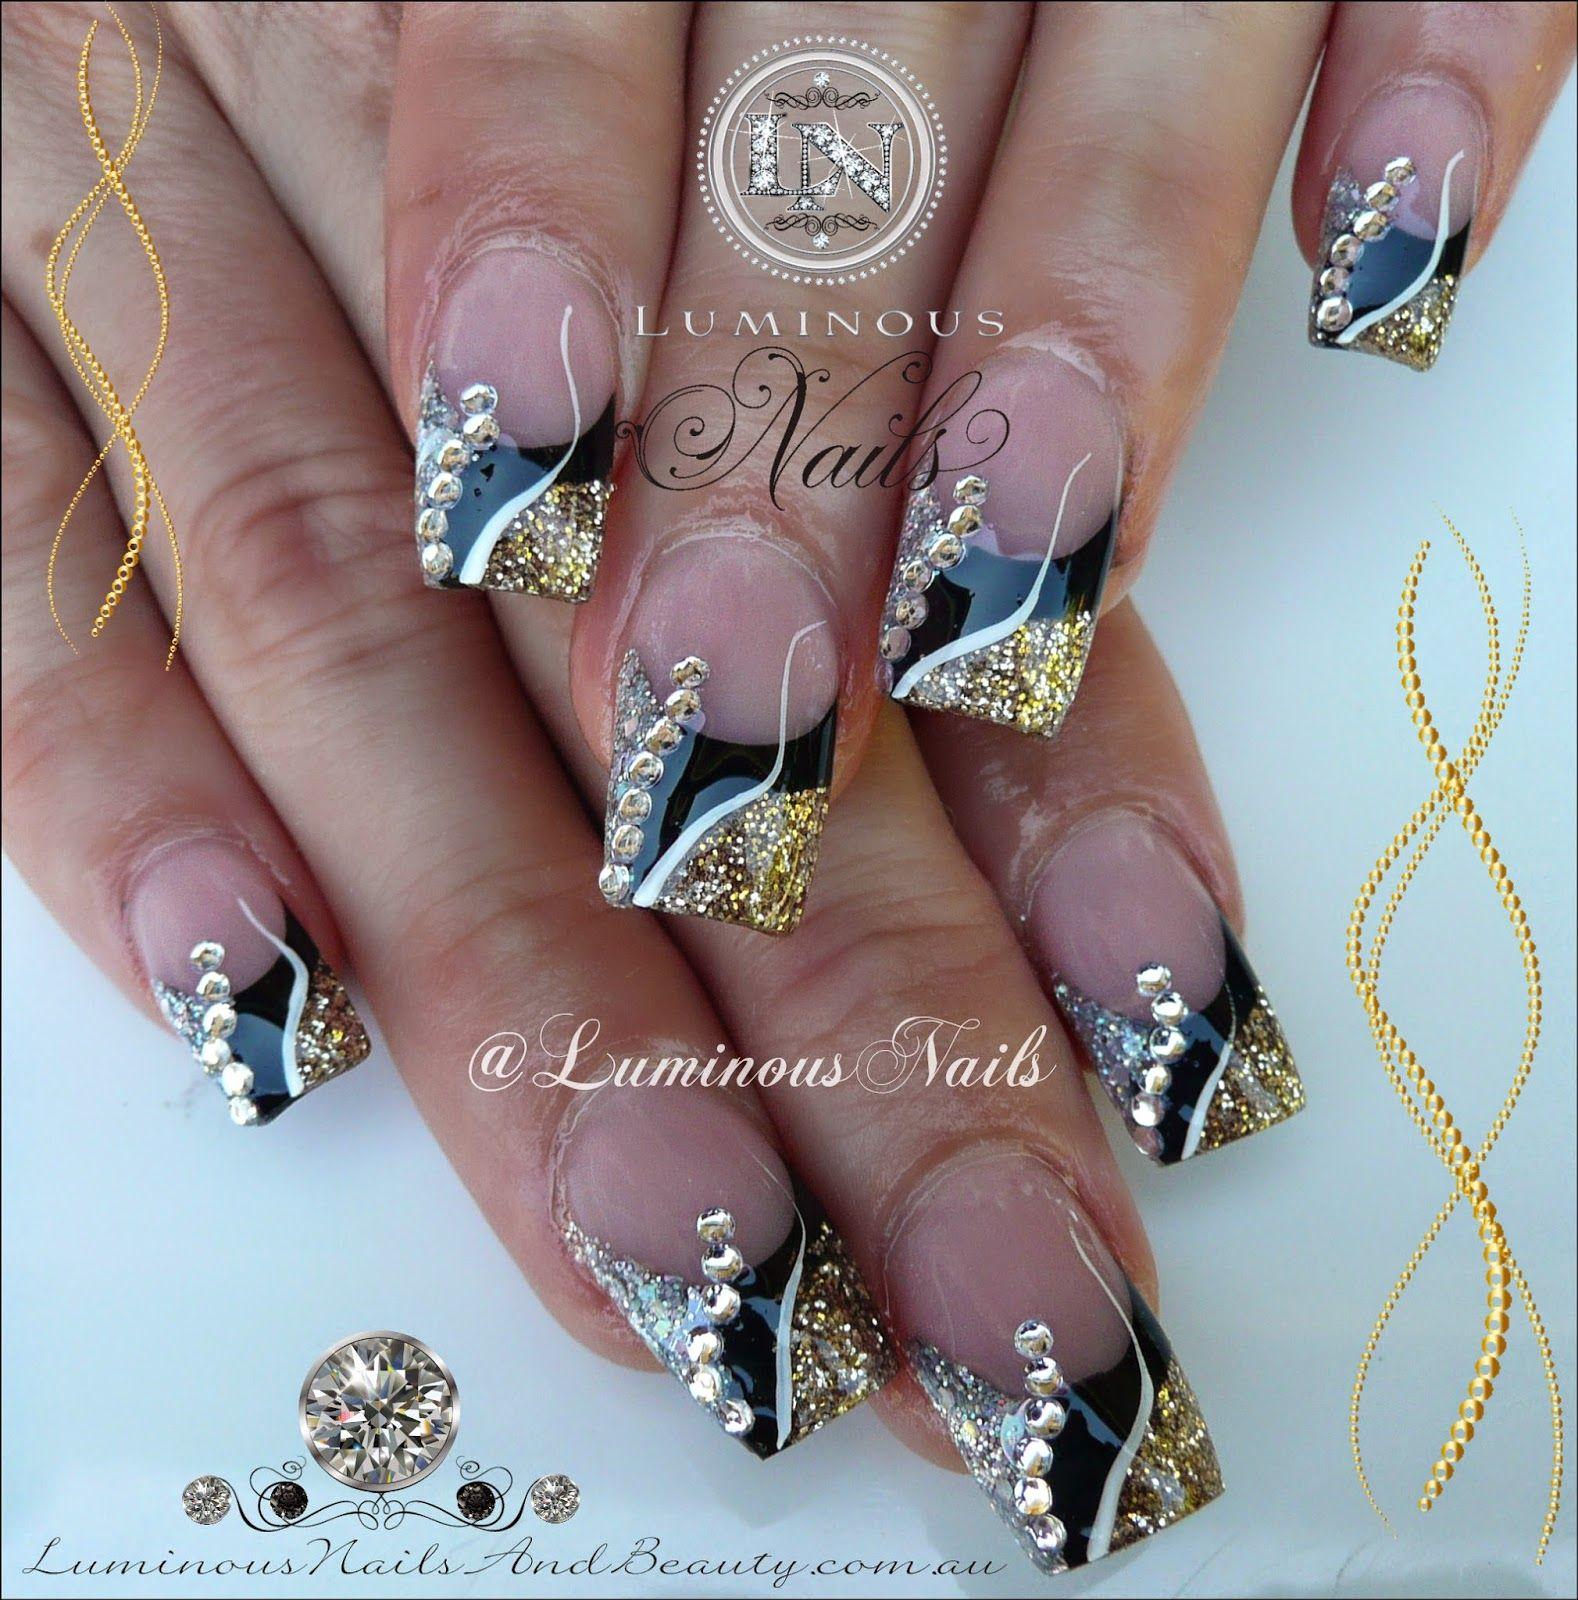 Luminous Nails: Black, Gold & Silver Nails with Bling...   mani ...